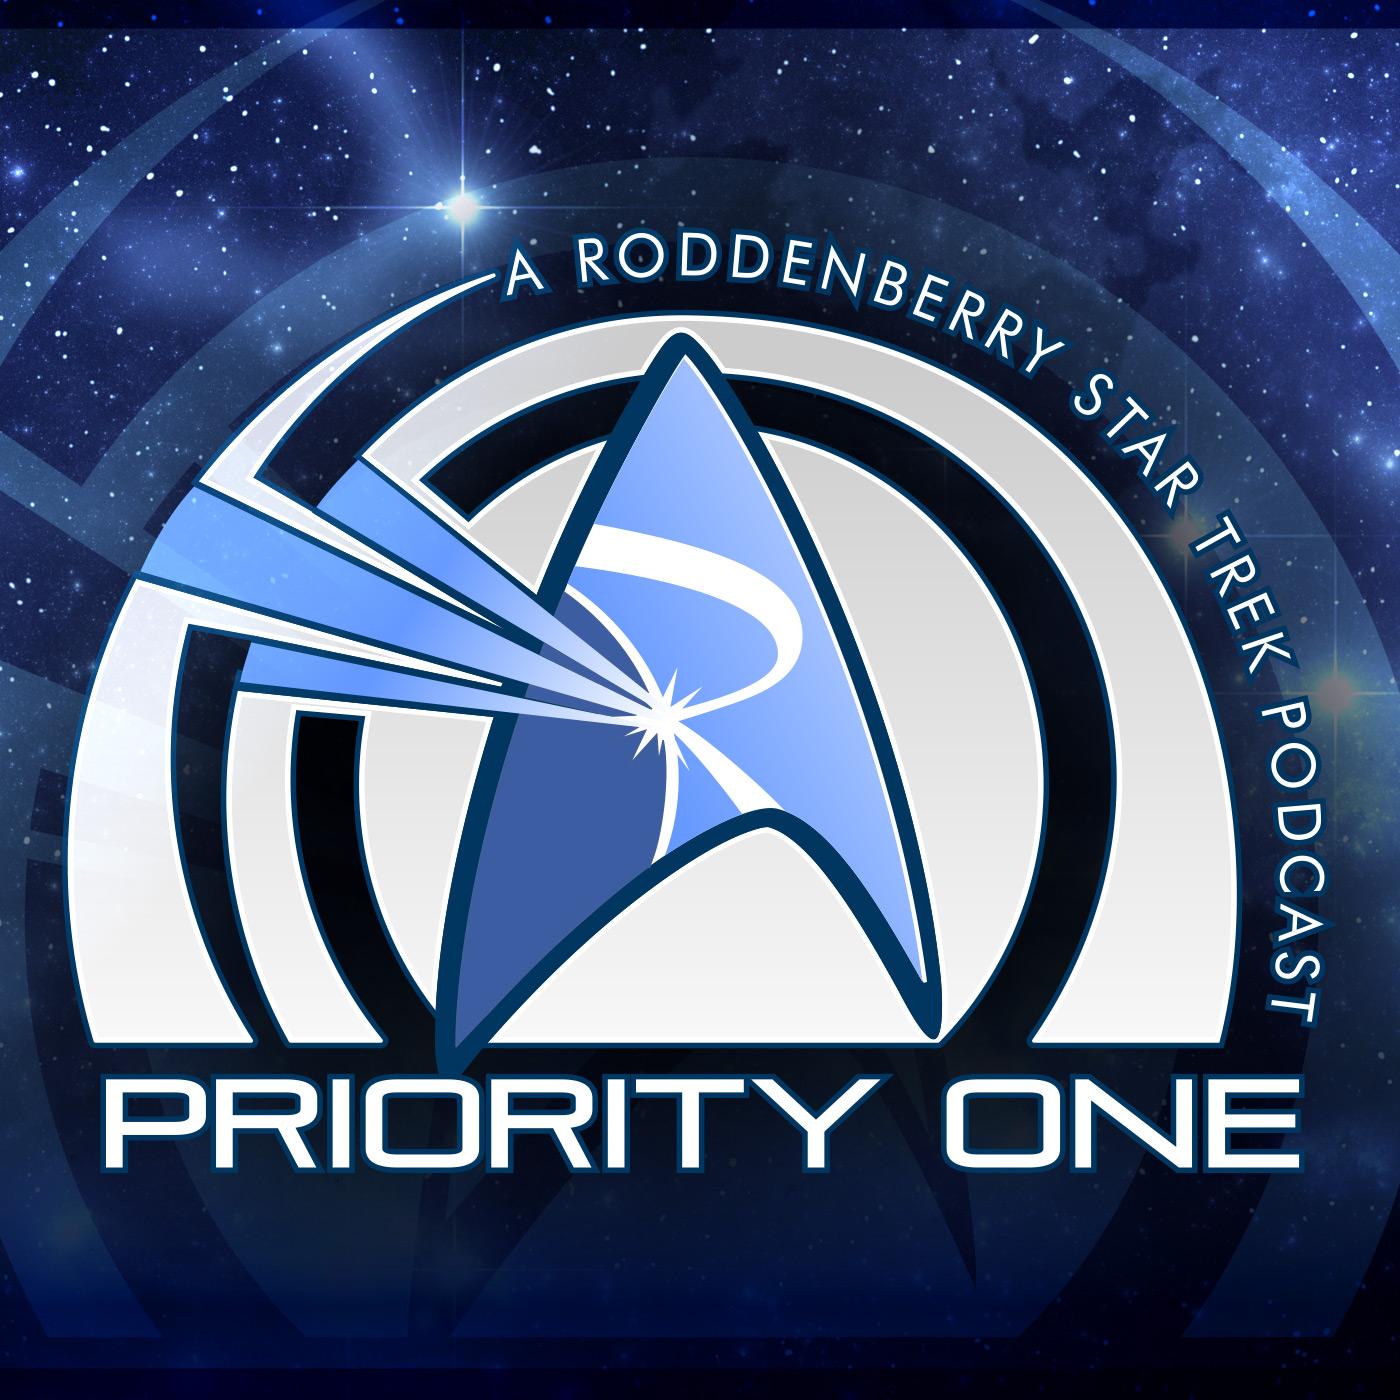 Artwork for 396 - GRACE-FULL | Priority One: A Roddenberry Star Trek Podcast